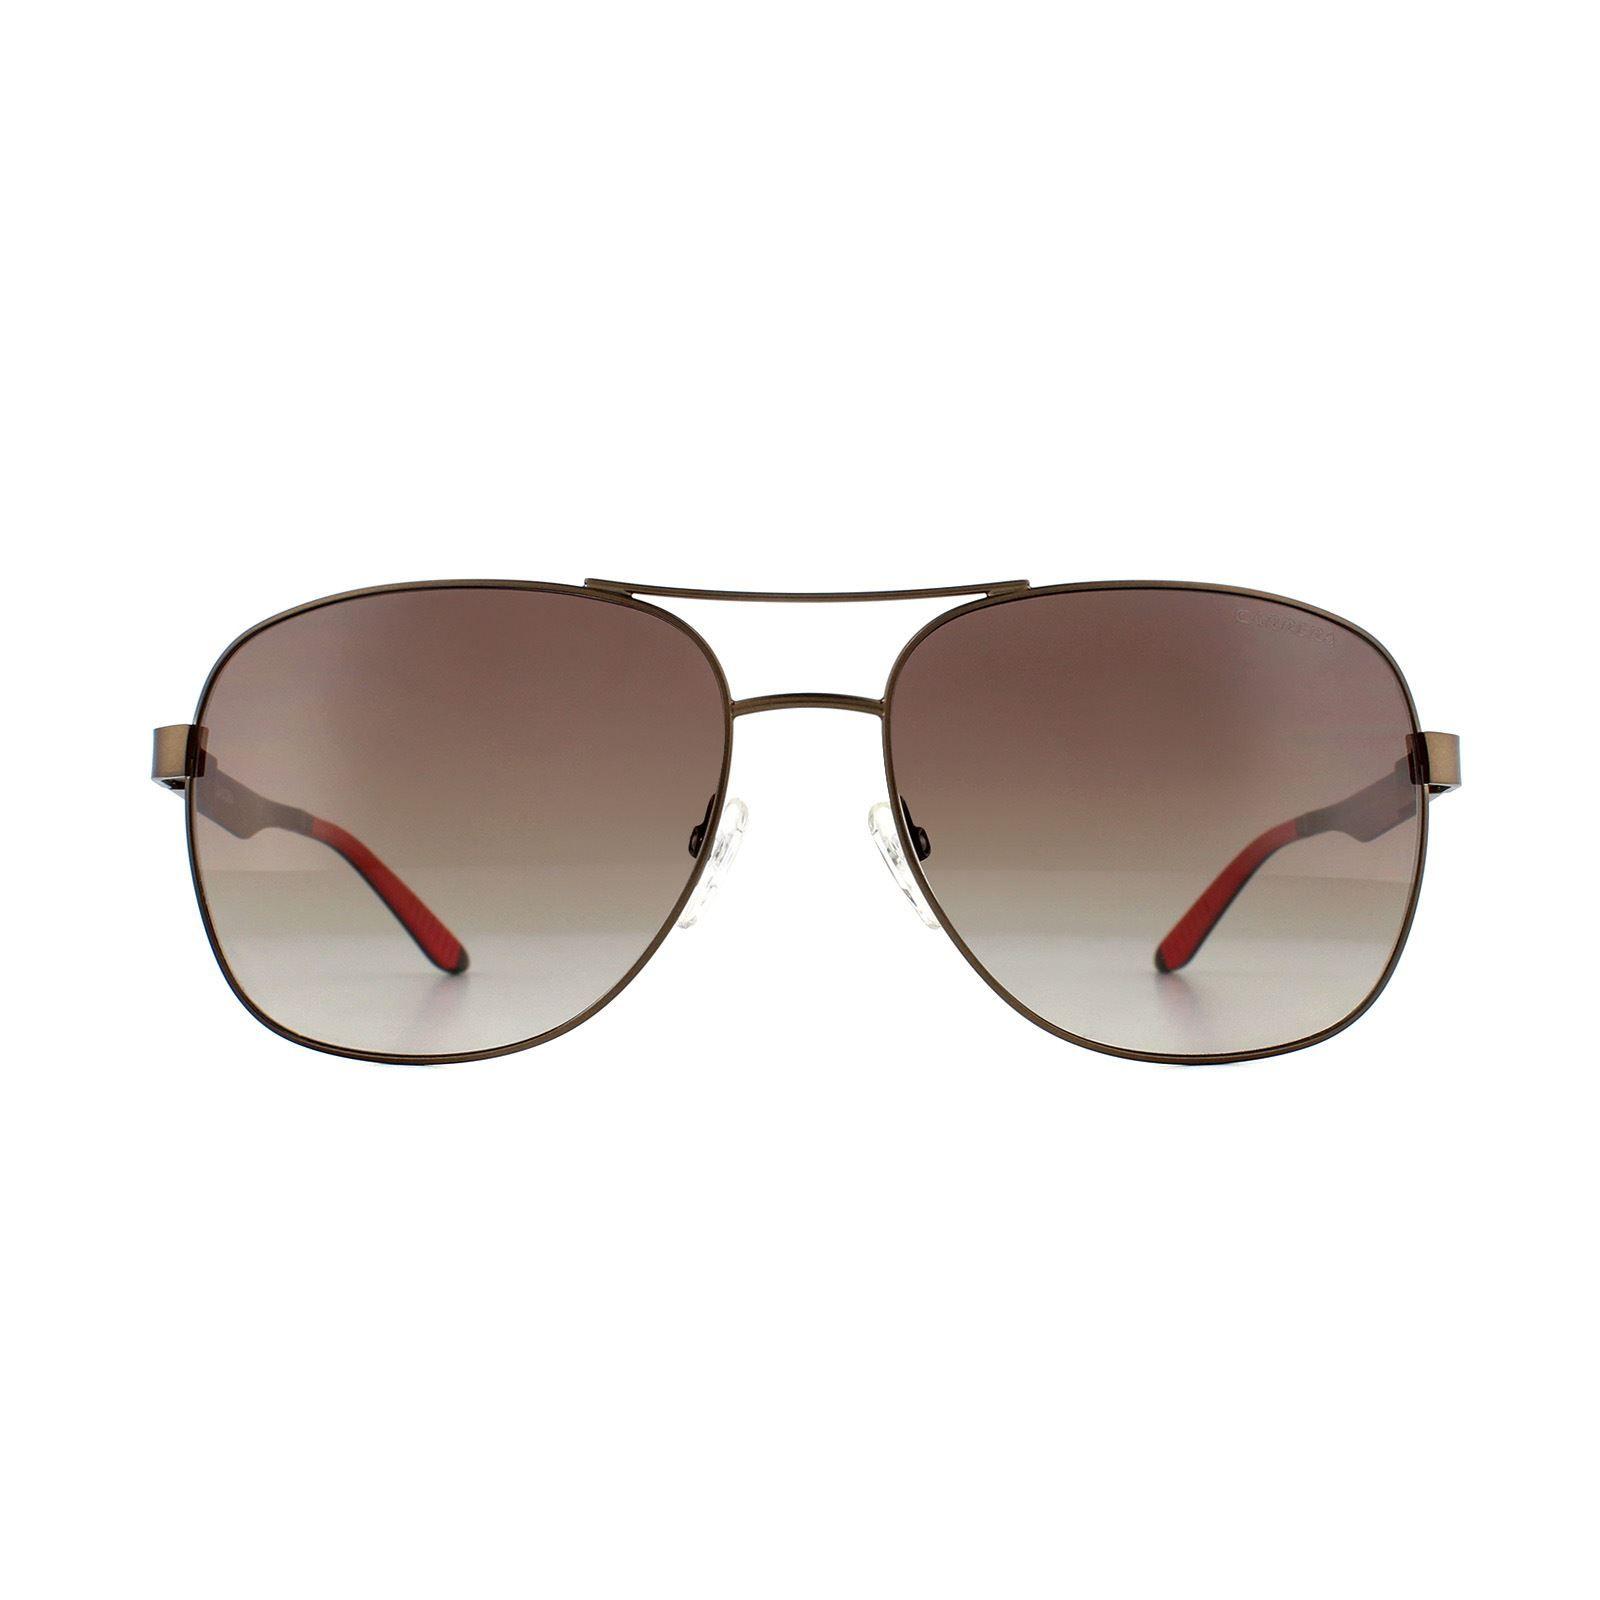 Carrera Sunglasses 8015/S NLX LA Semi-Matte Brown Brown Polarized